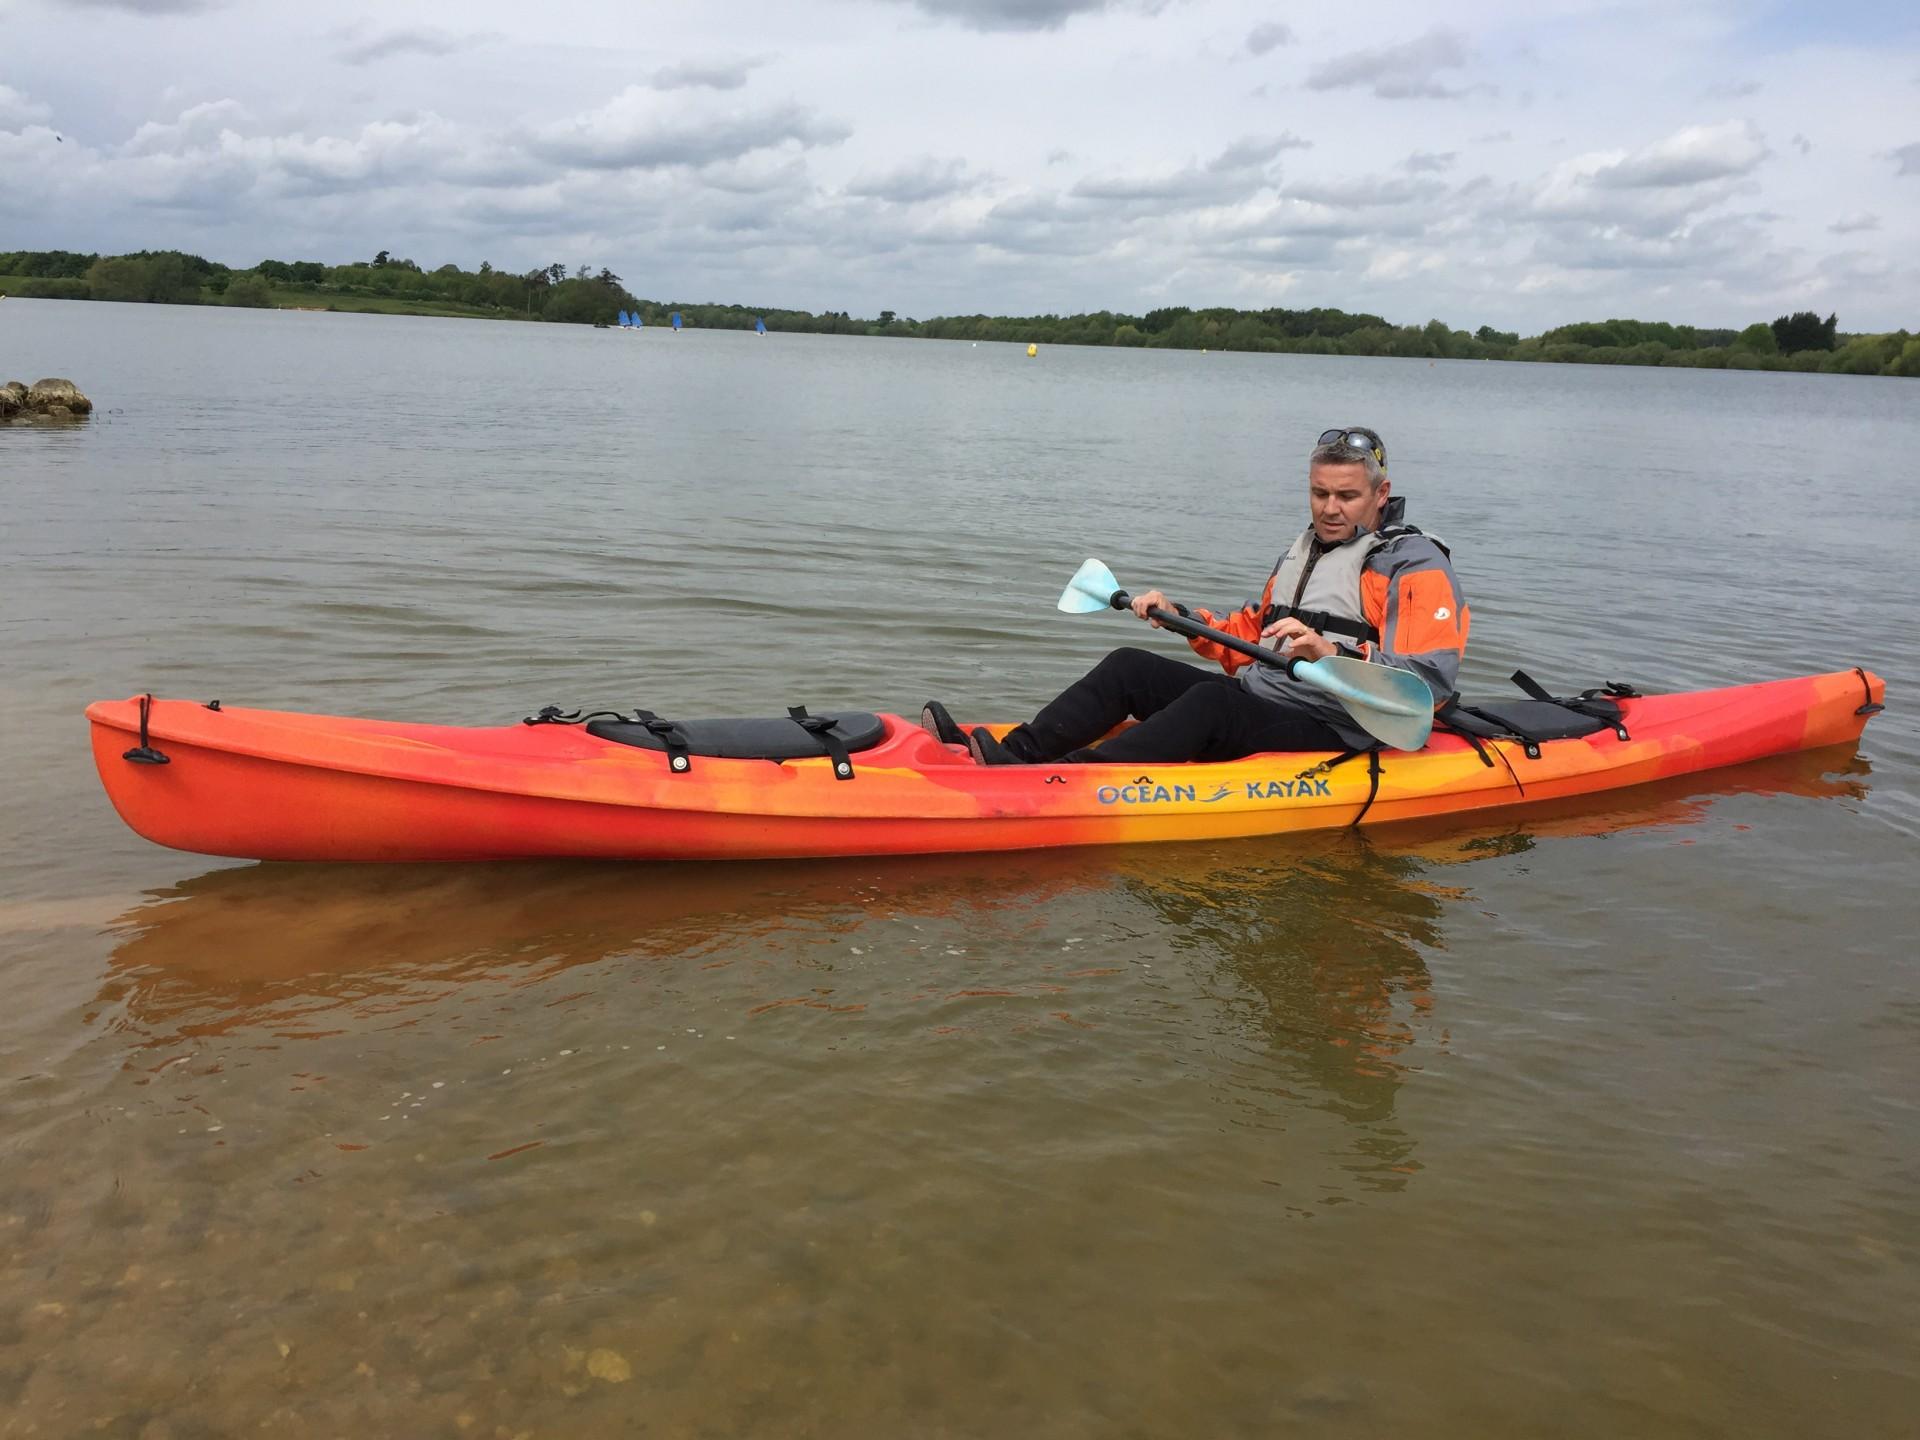 Ocean Kayak sit-on-top kayaks for day kayaking trips.